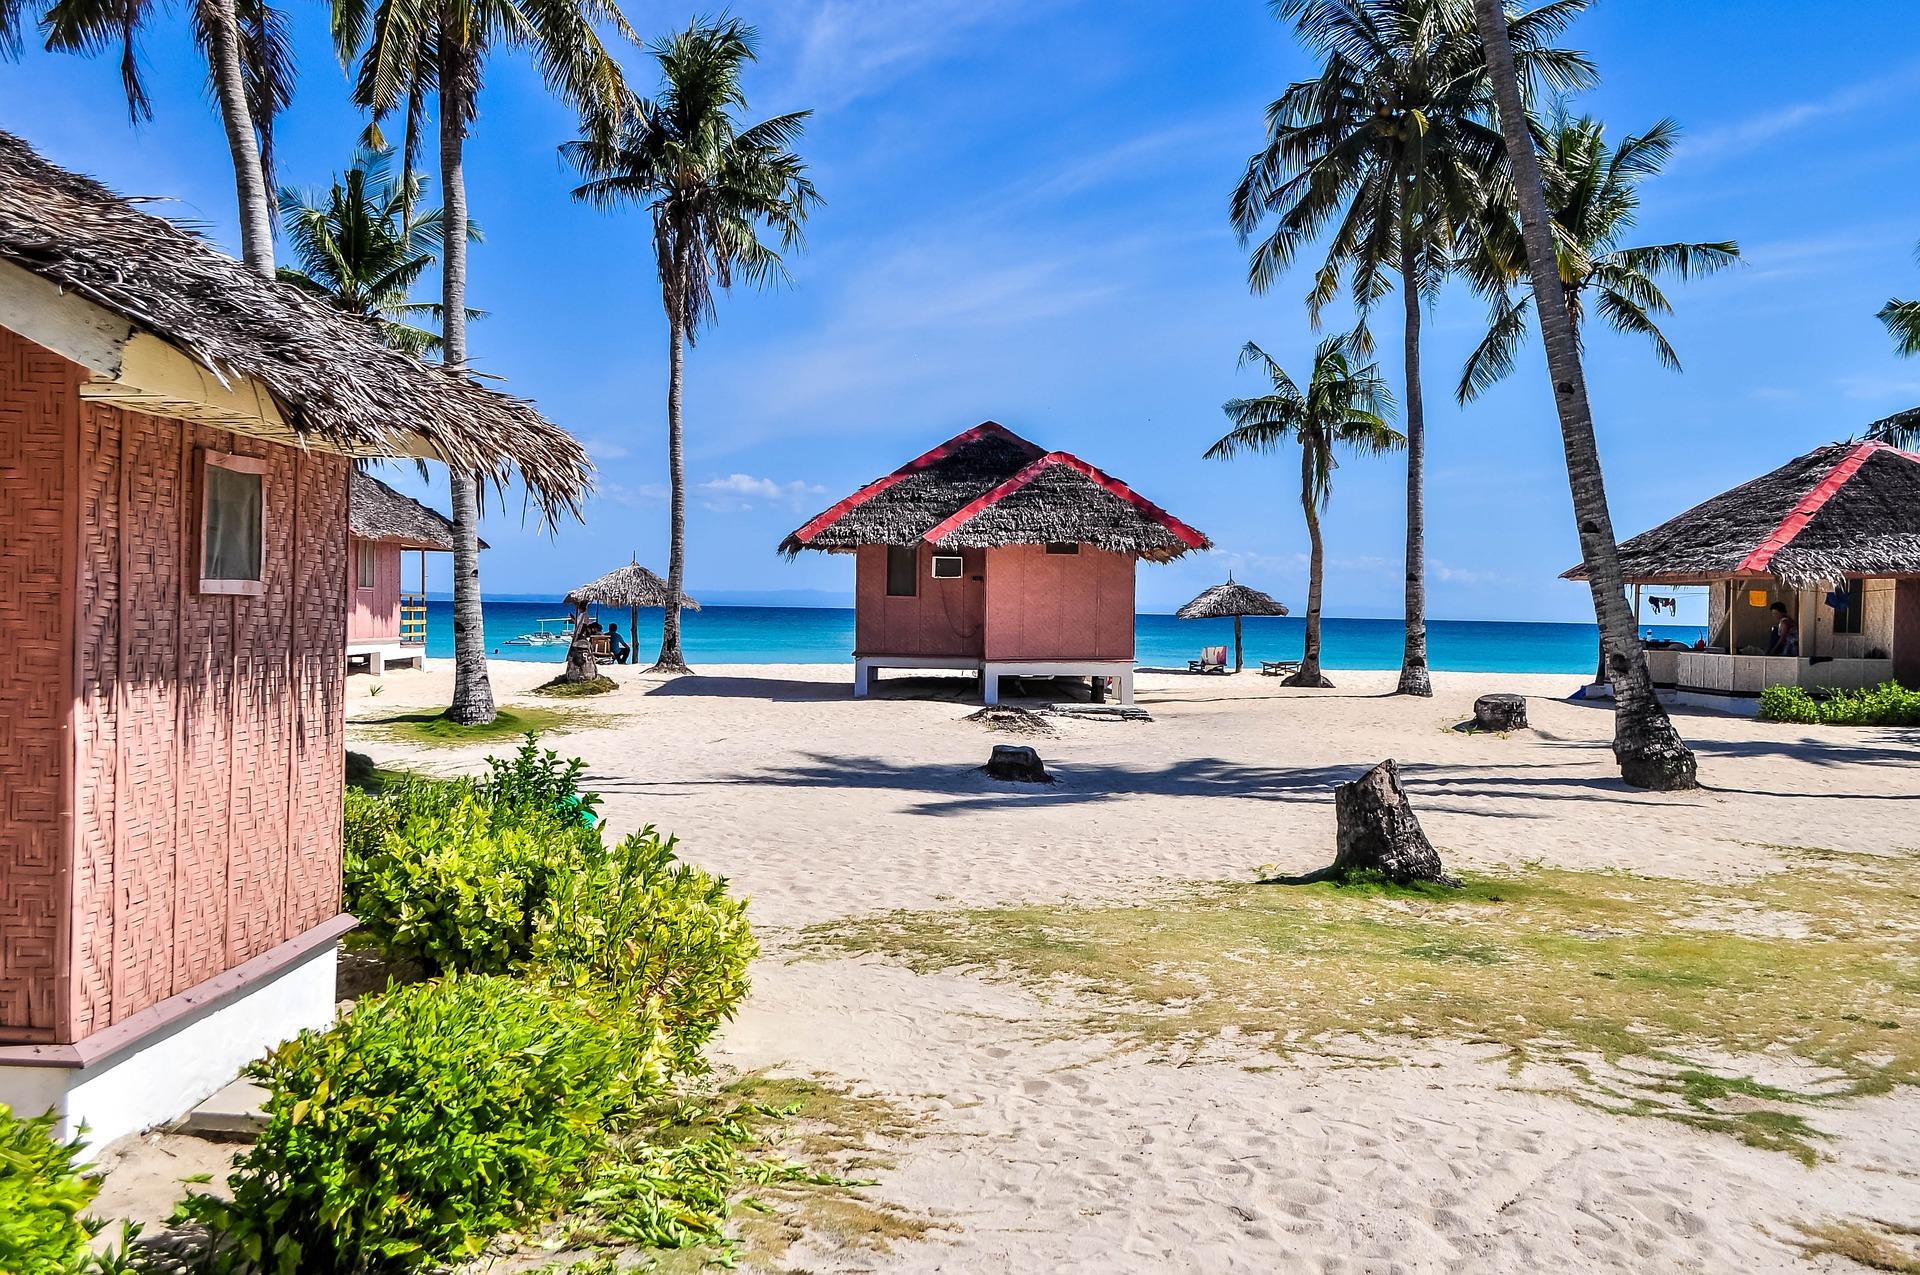 palm bungalow hut